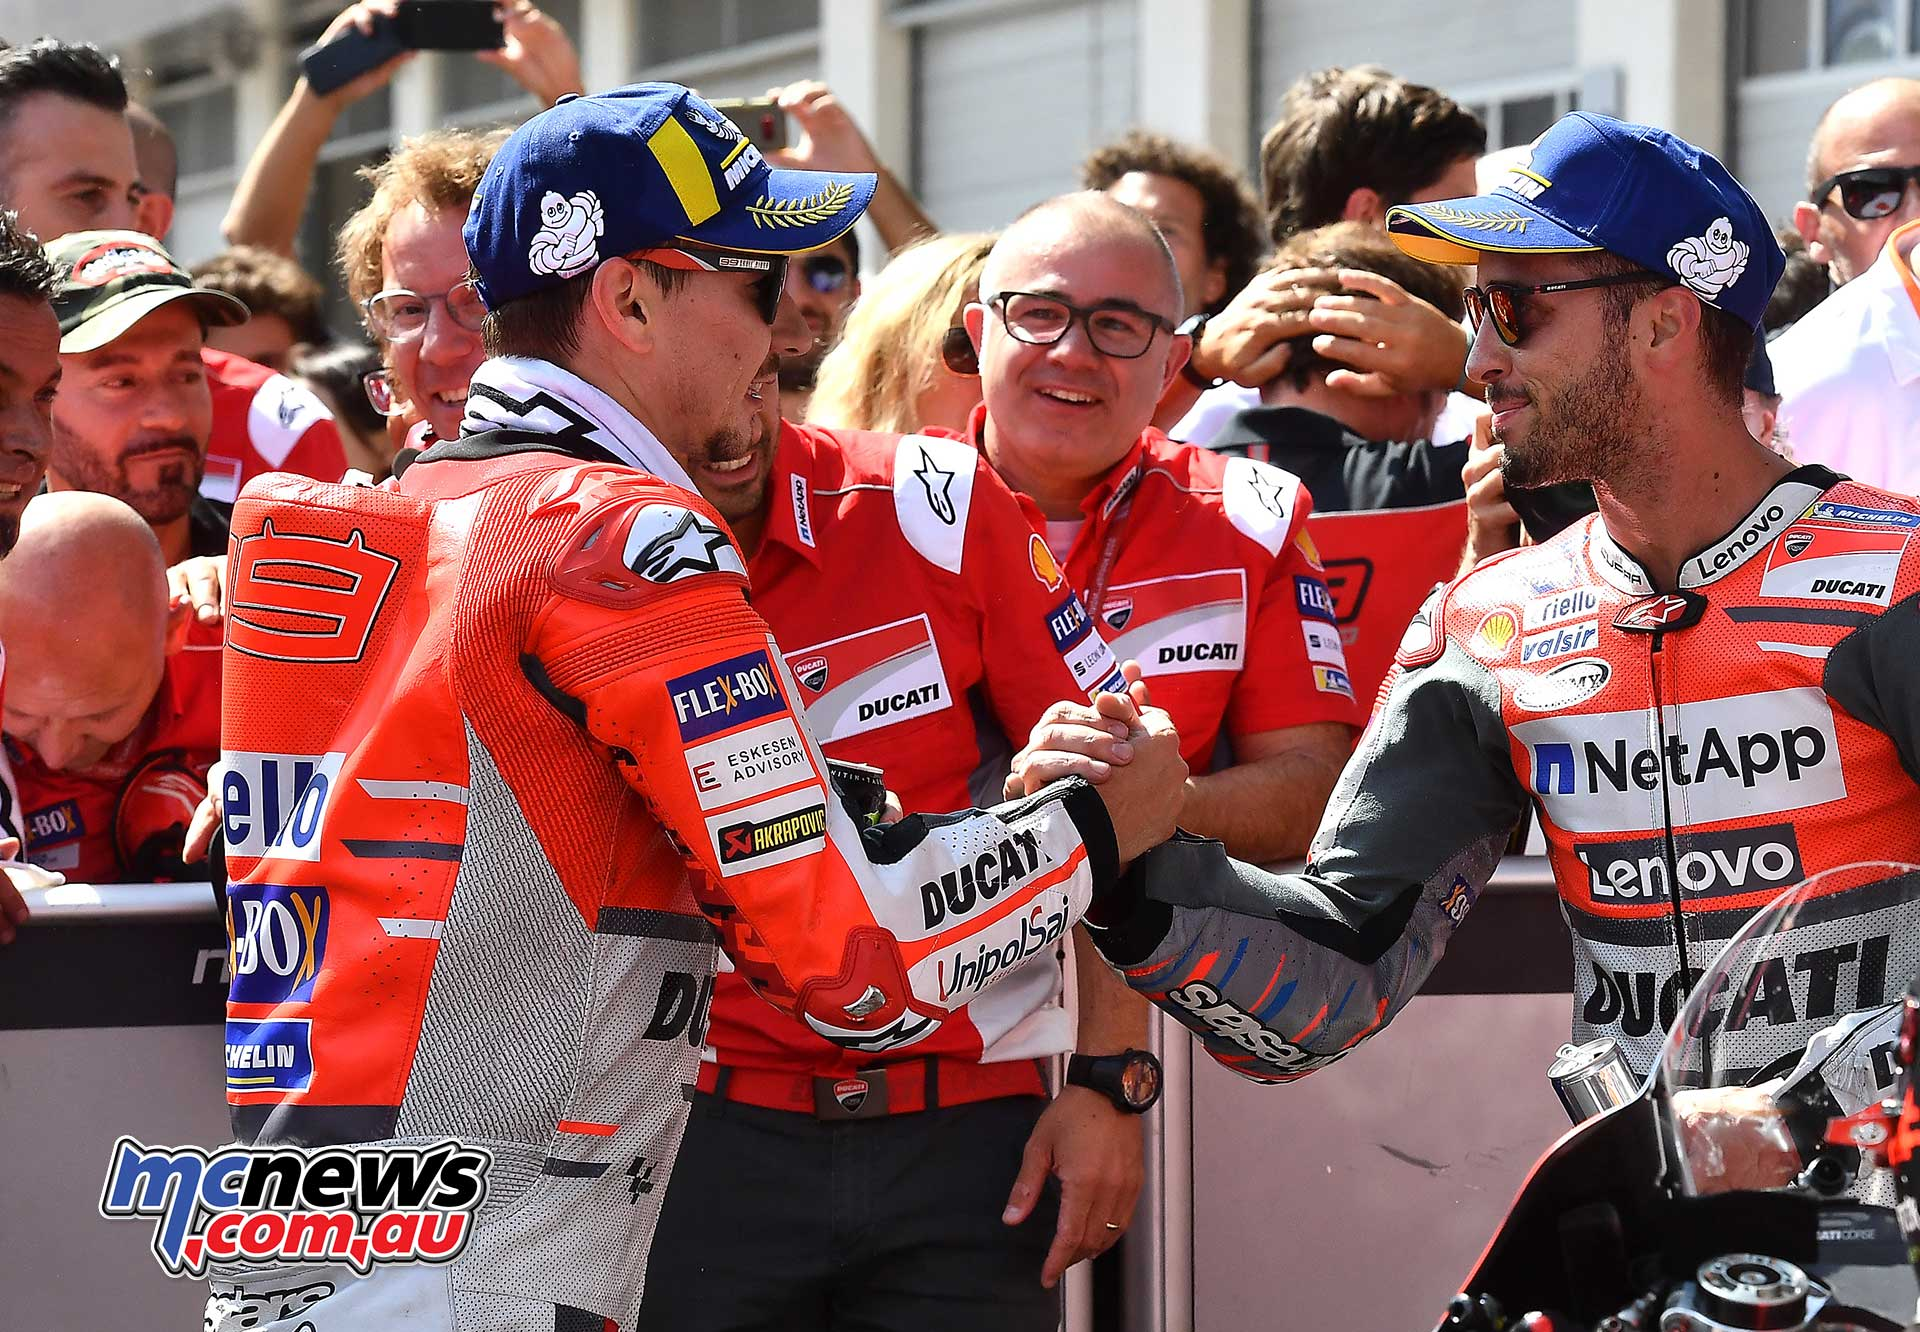 MotoGP Rnd Austria RaceMichelin Lorenzo Dovizioso